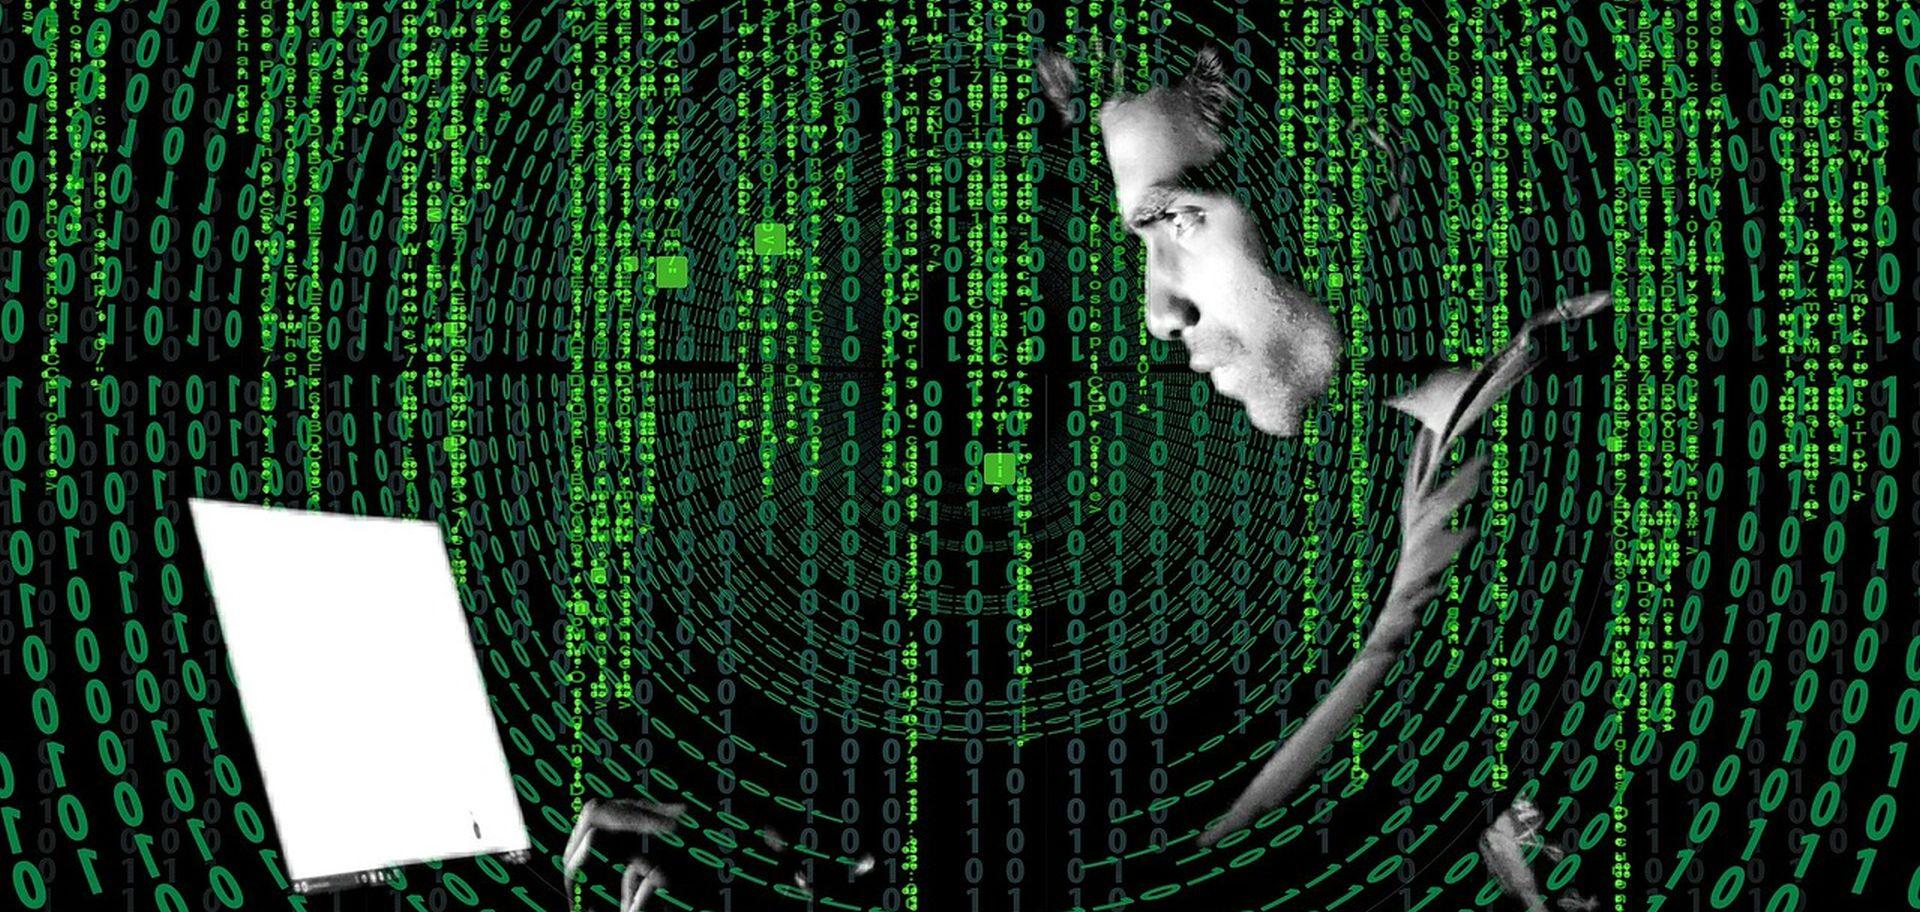 Više od polovice građana zabrinuto zbog sigurnosti svojih podataka na internetu